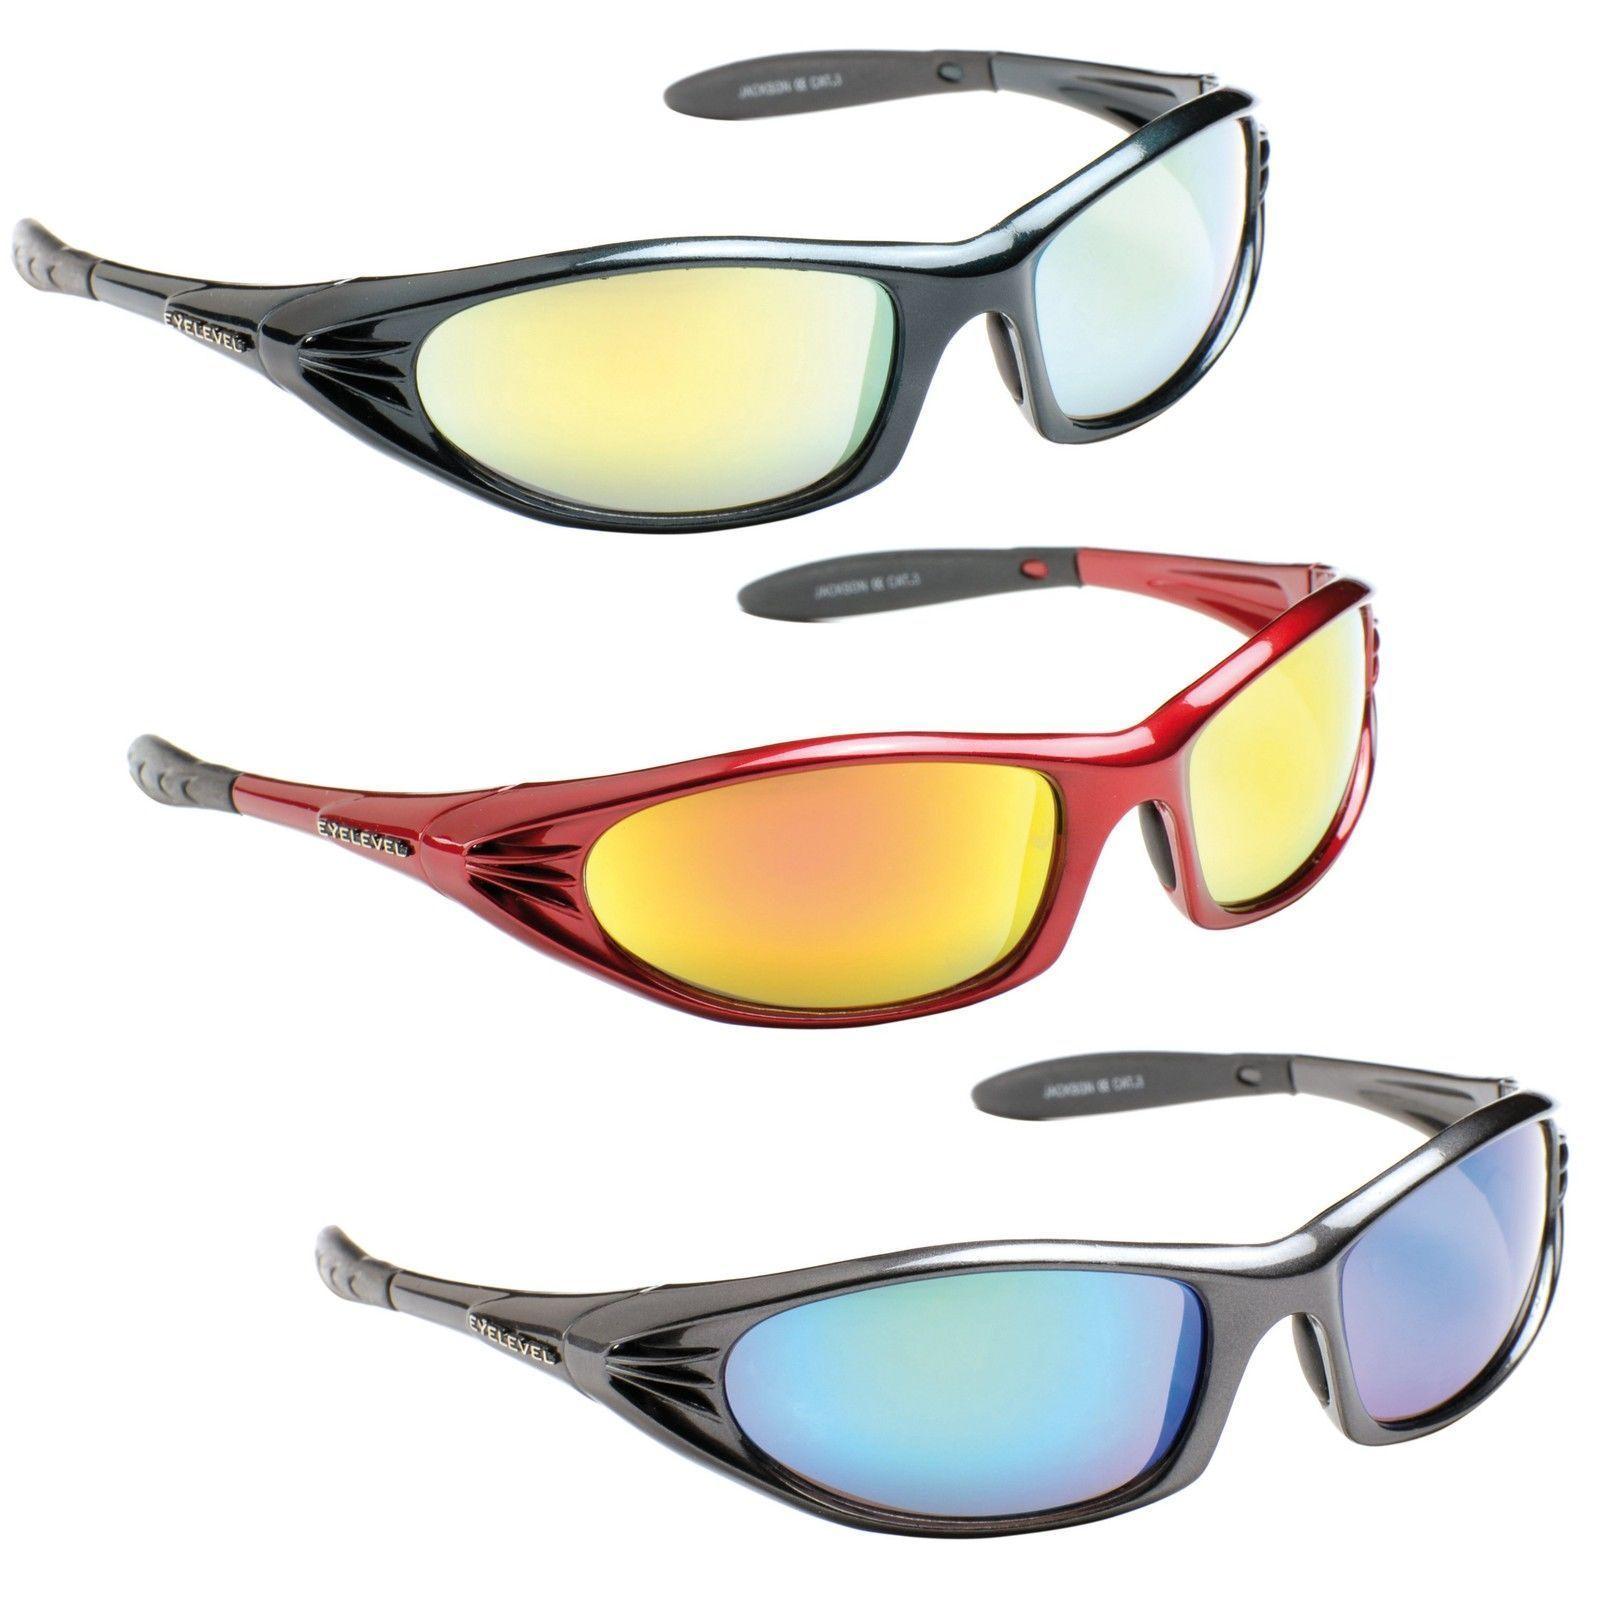 Jackson 3 Wrap Mens Sunglasses Eyelevel YXIAsI7bPH